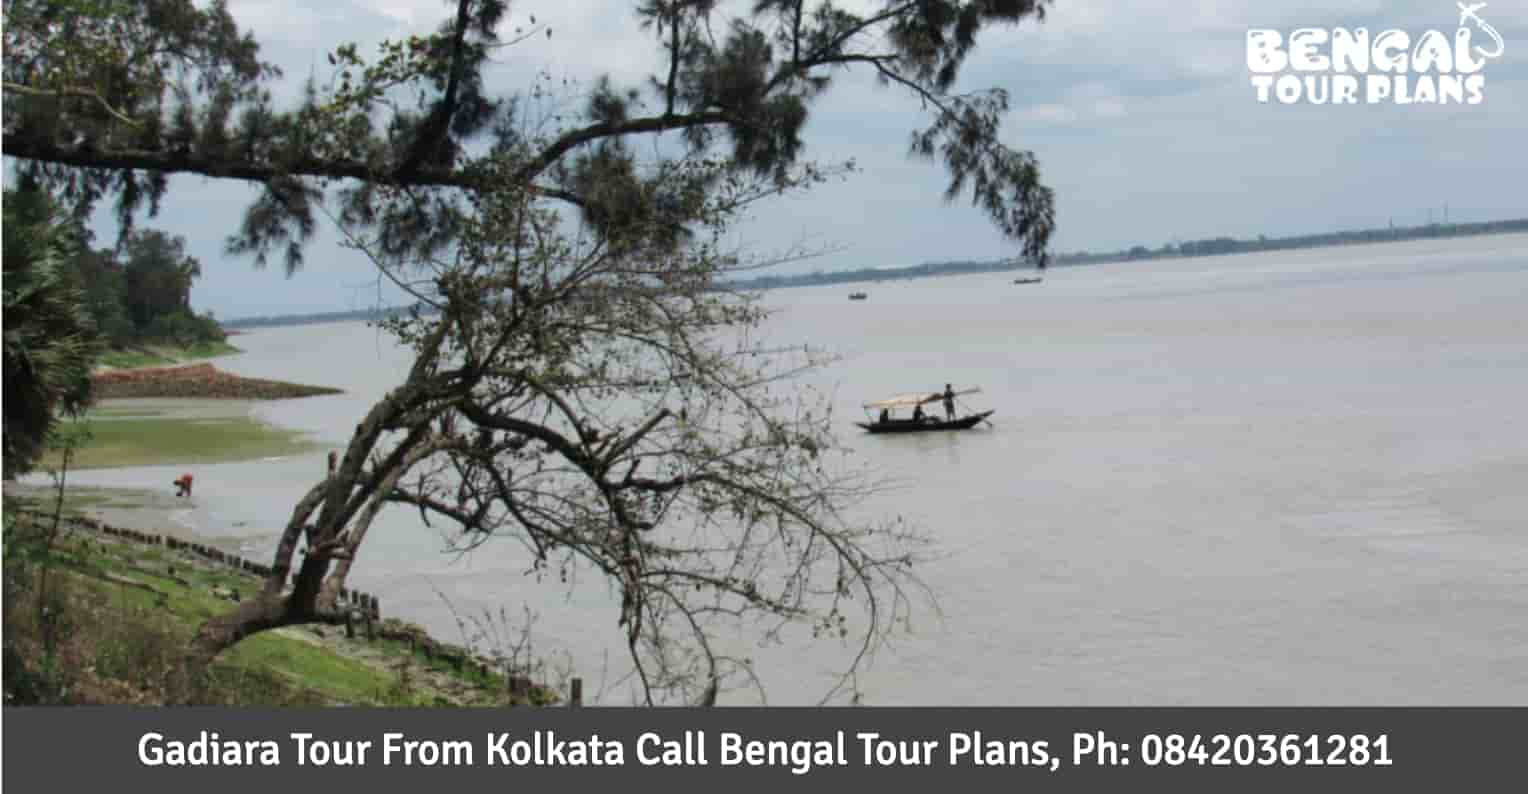 Gadiara Tour From Kolkata